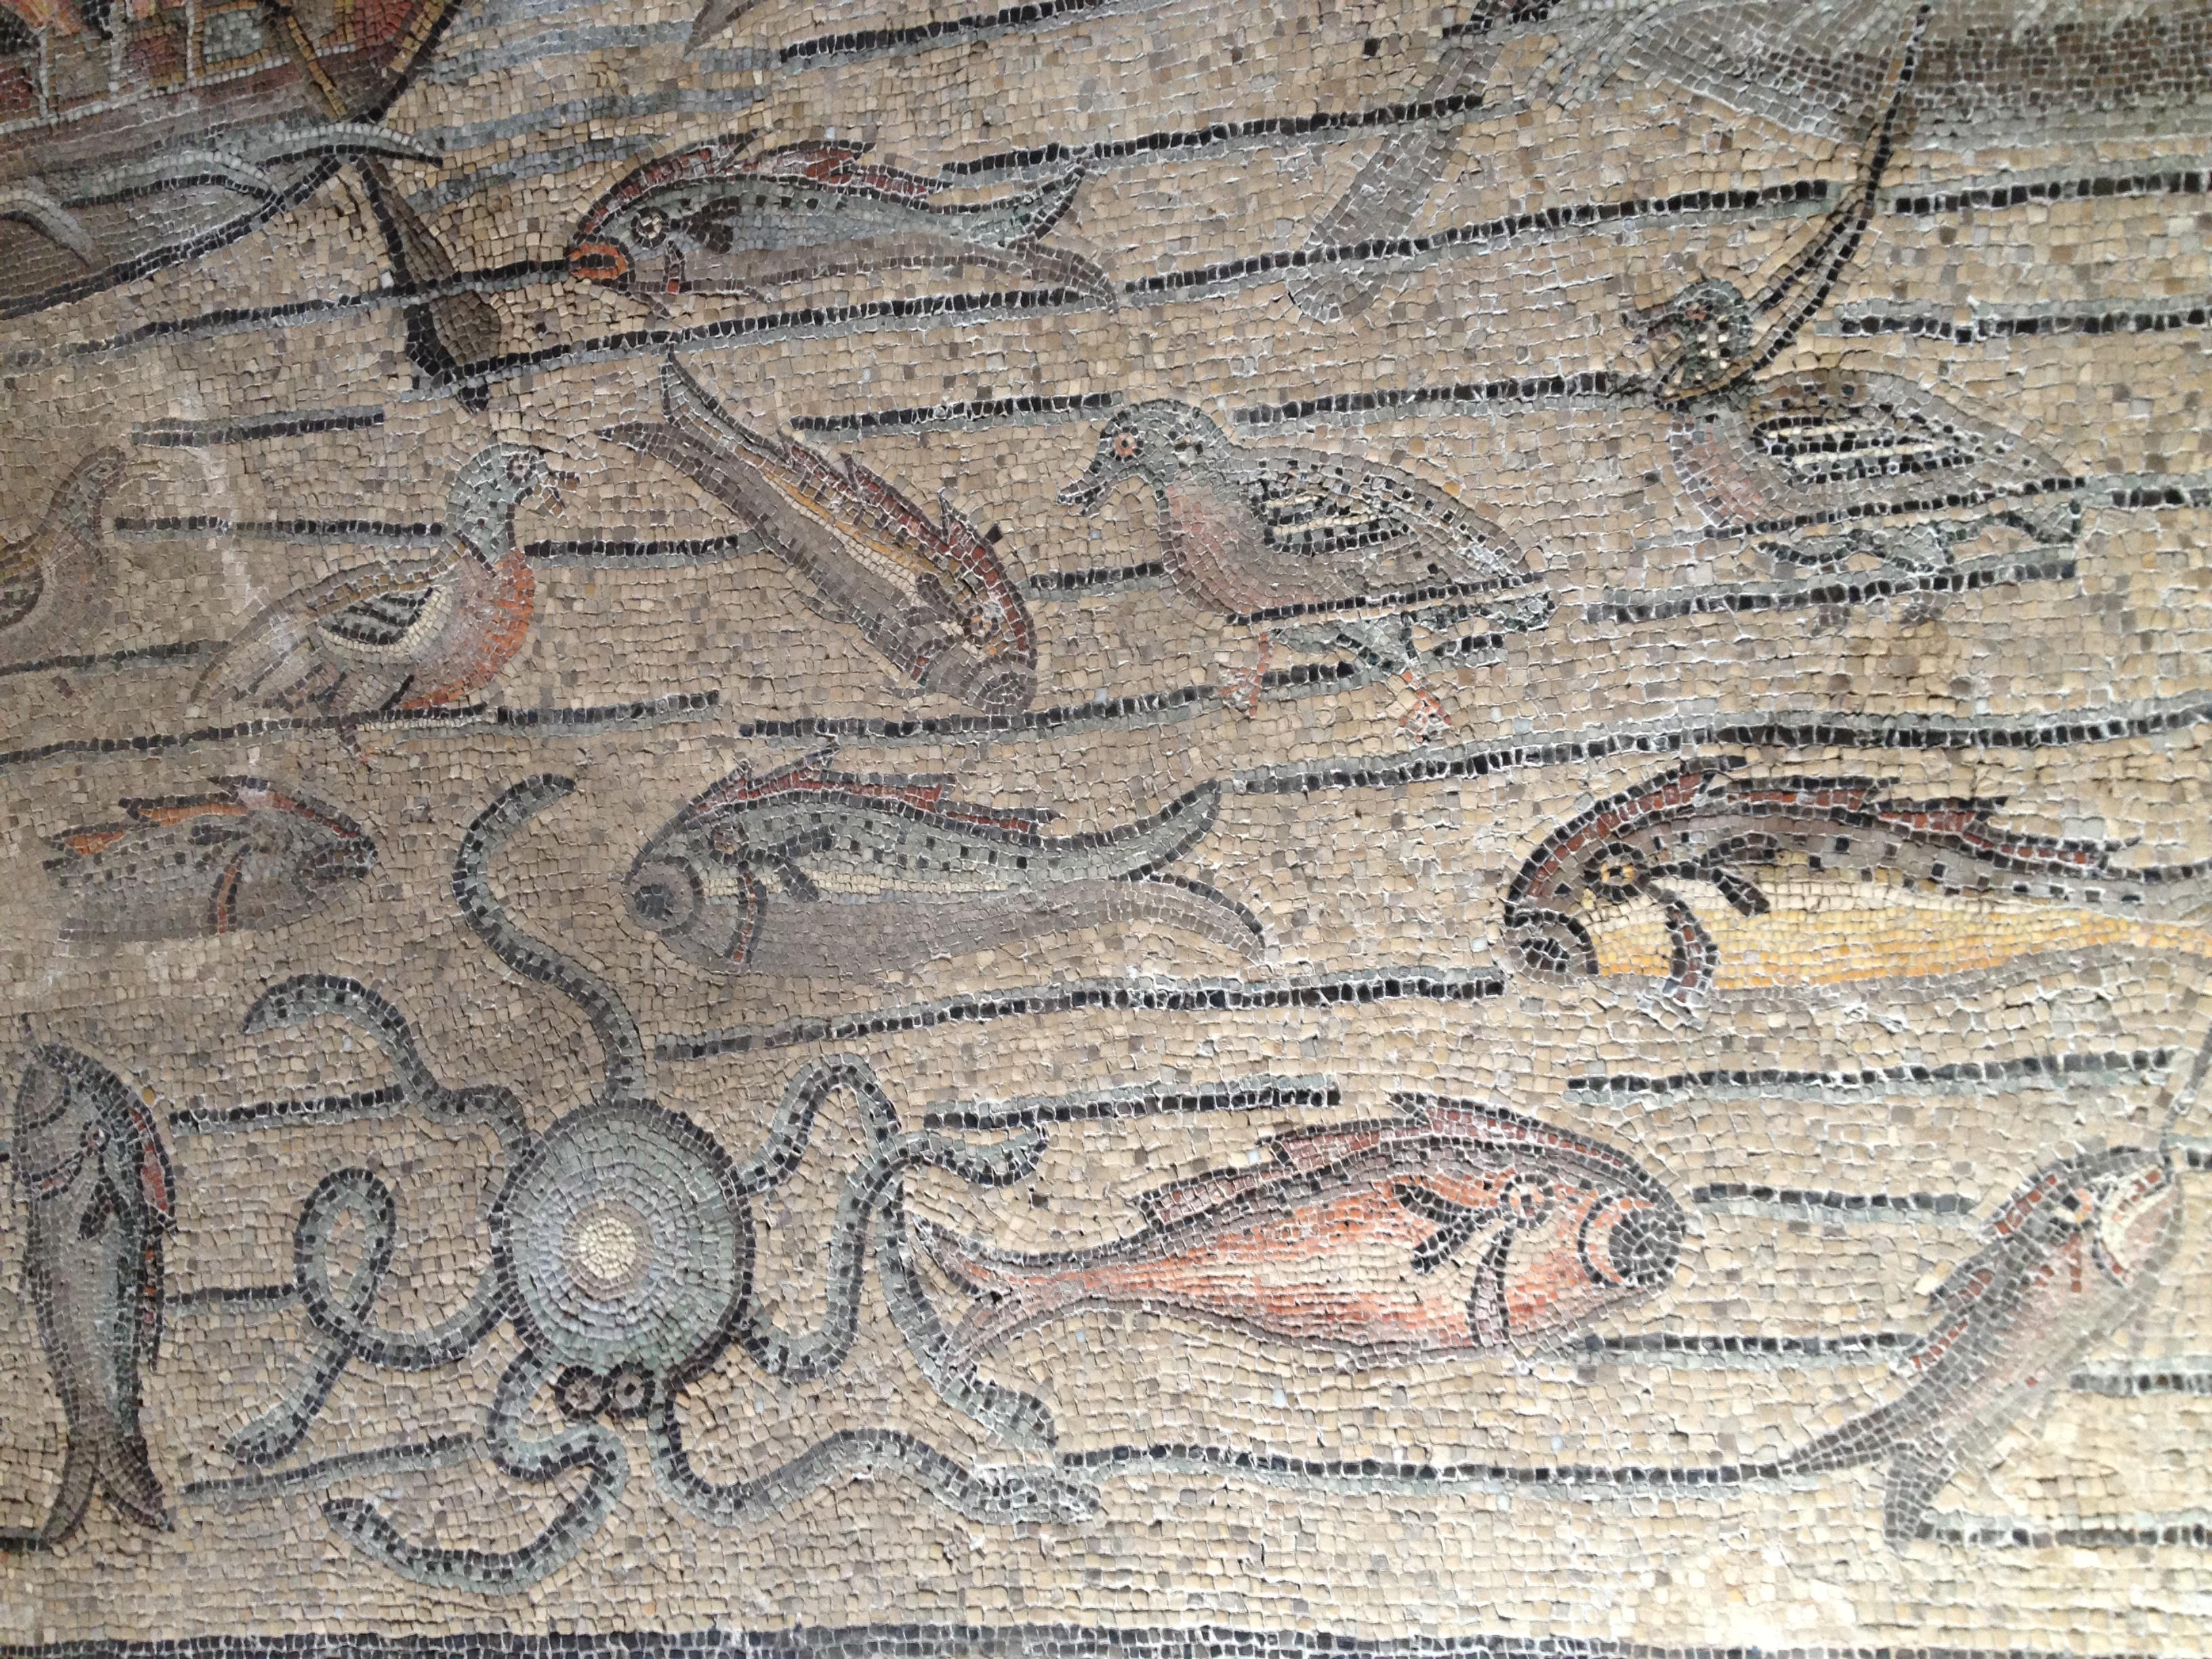 Aquileia's Basilica octopus